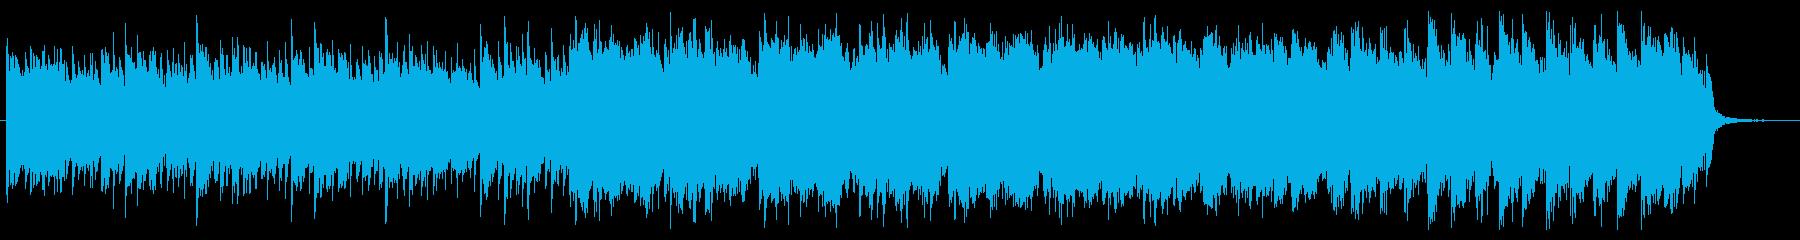 不思議/ピアノ/夢/ノスタルジック/の再生済みの波形